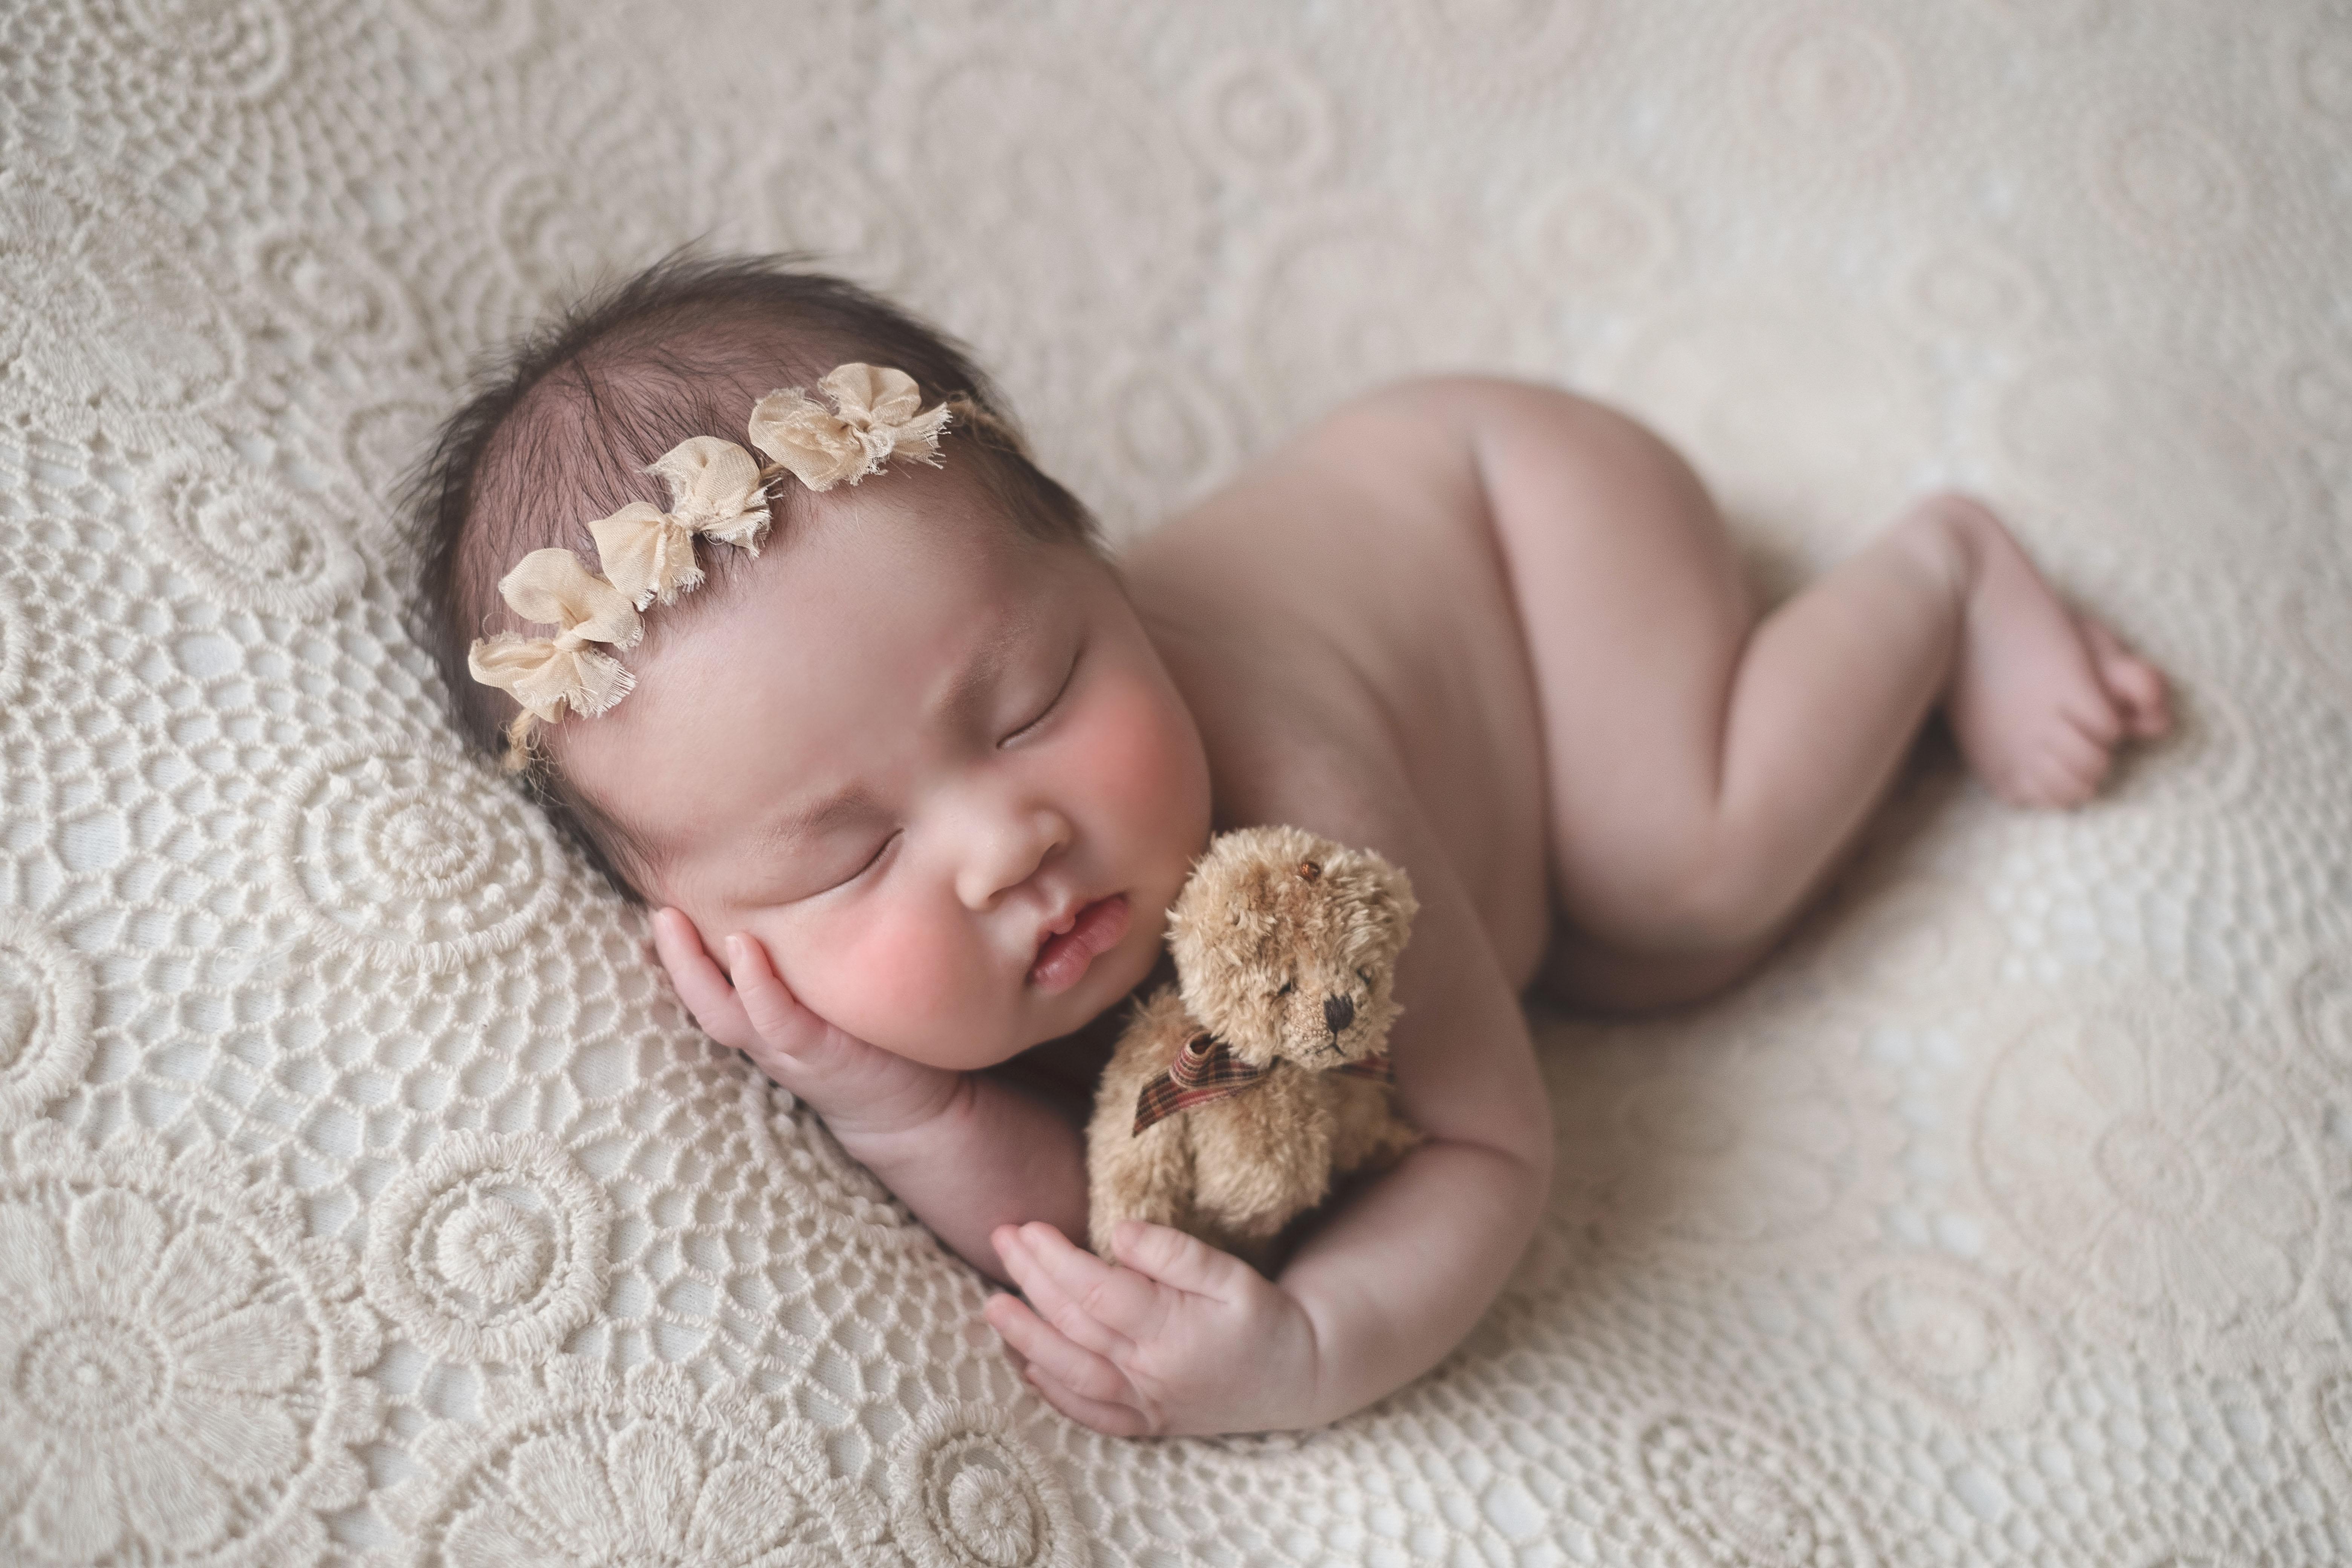 滋賀・京都・大阪ニューボーンフォトの撮影・出張撮影ならMimi newborn photography